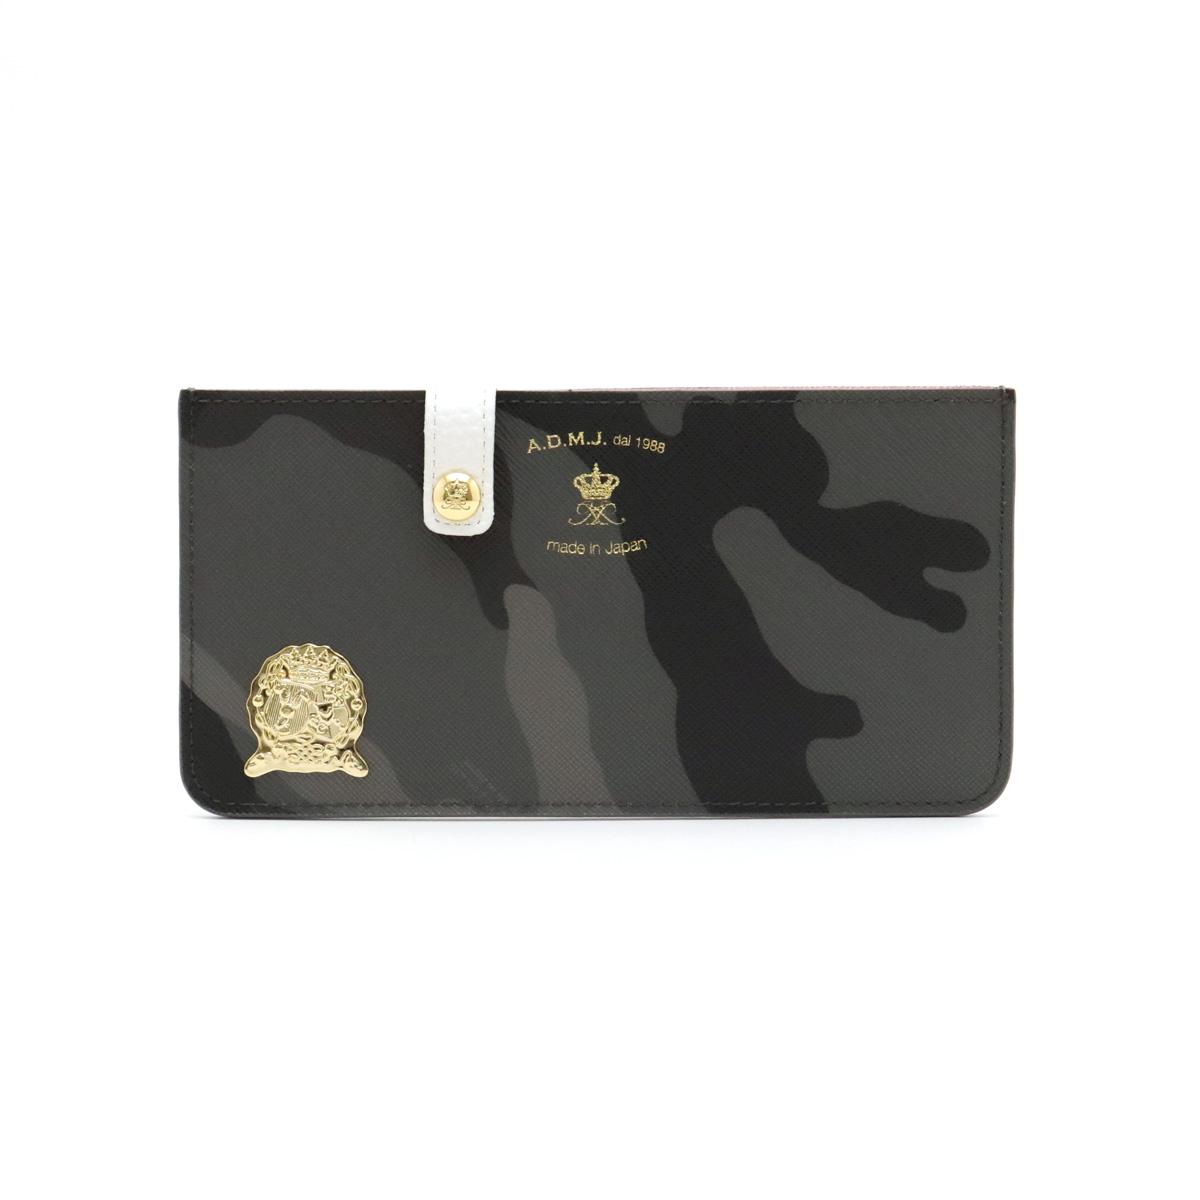 【新品未使用品】【バッグ】A.D.M.J エーディーエムジェイ ADMJ カモフラージュ スリムウォレット エンブレム レザー グレー ピンク ホワイト 15SA06104